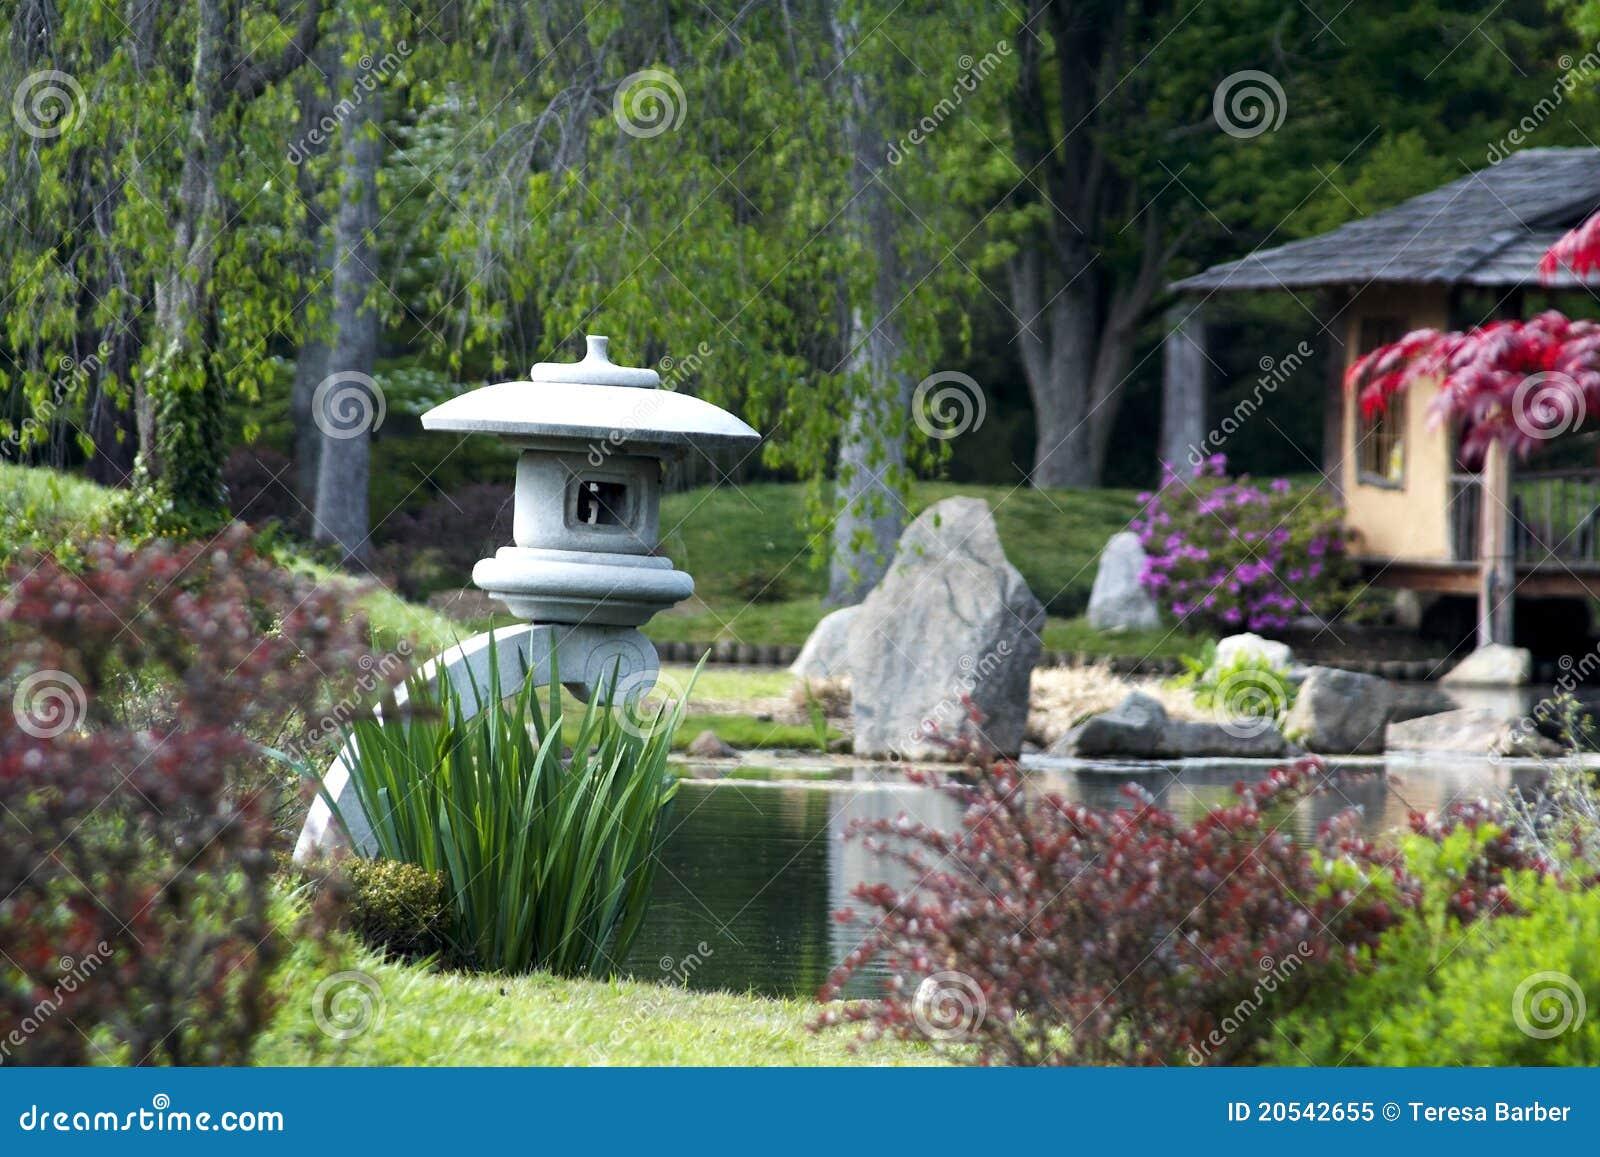 imagens jardins japoneses:Jardins Japoneses Foto de Stock Royalty Free – Imagem: 20542655